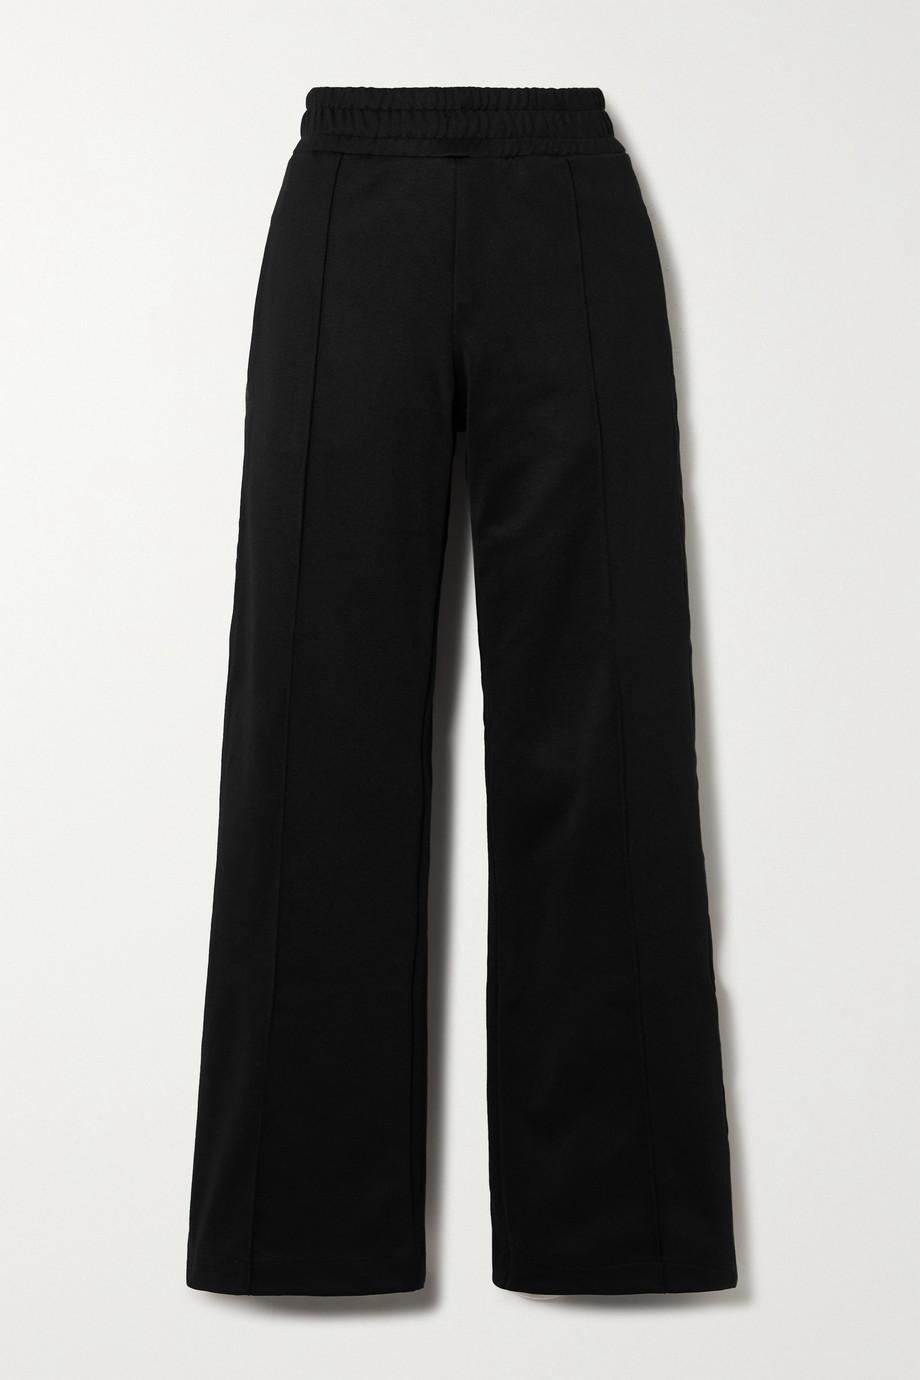 Fendi Pantalon de survêtement large en jersey piqué